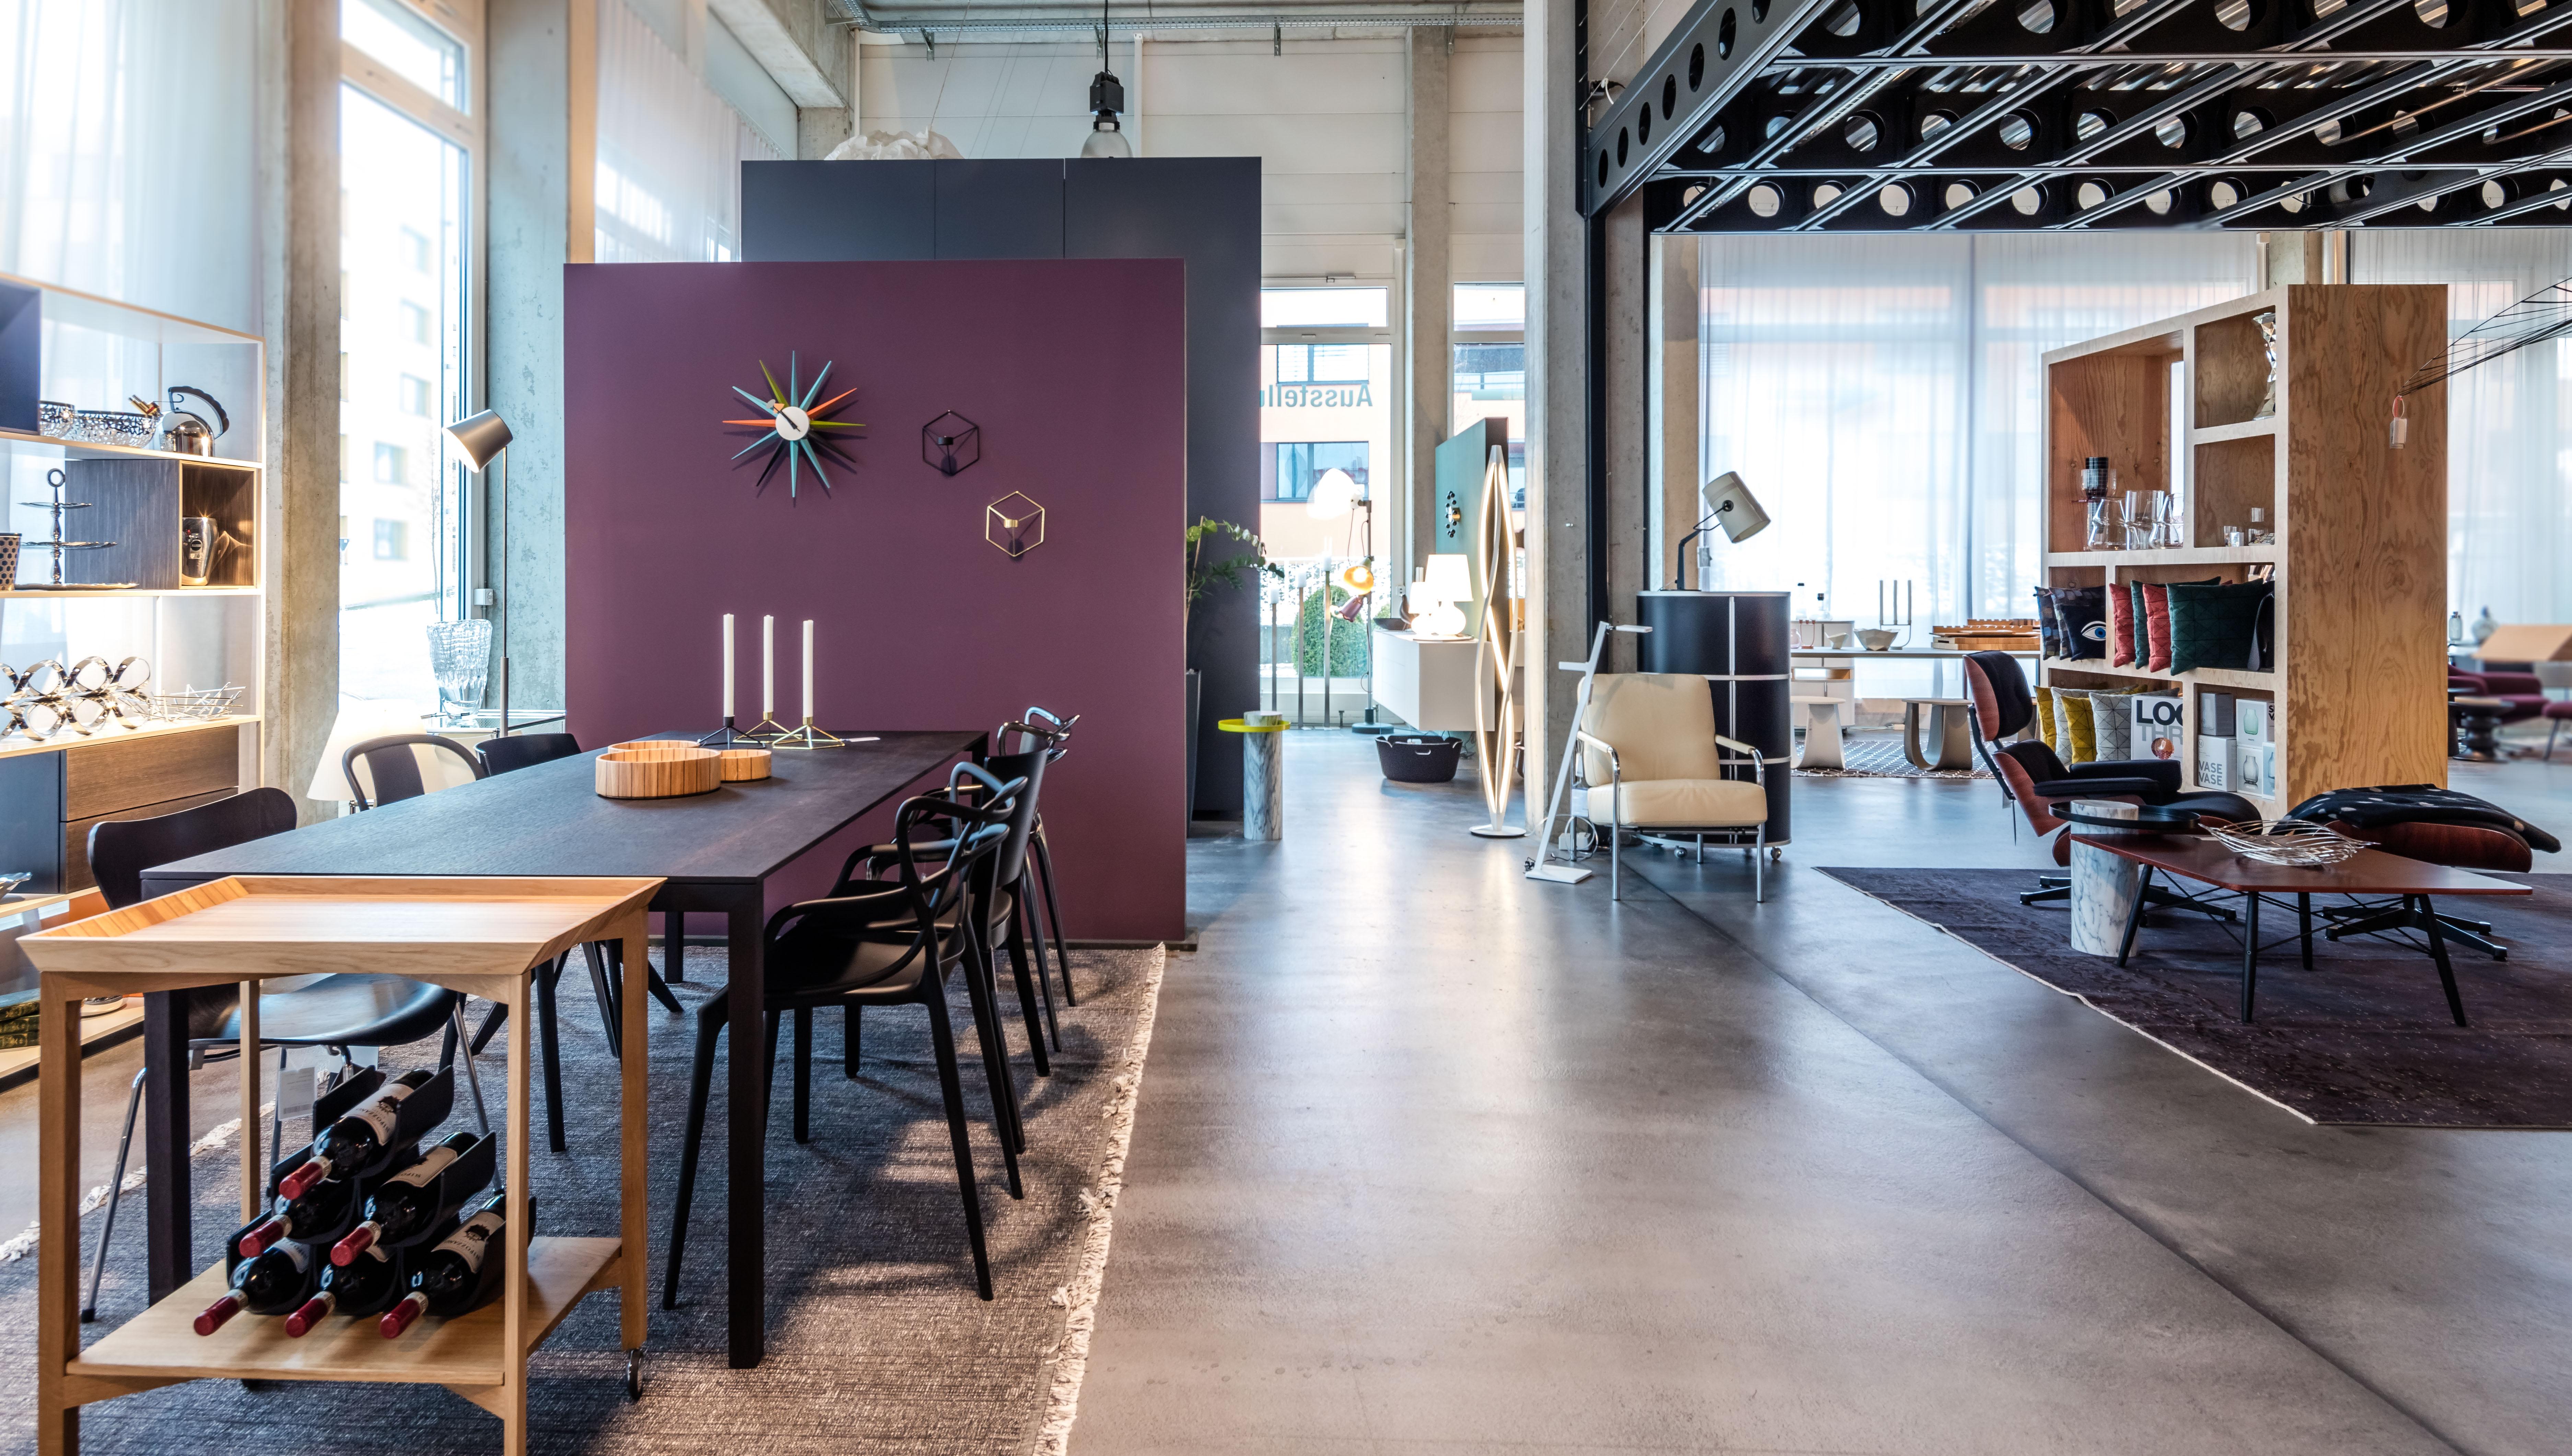 neuer einrichtungs-showroom für designmöbel auf über 2'000m2